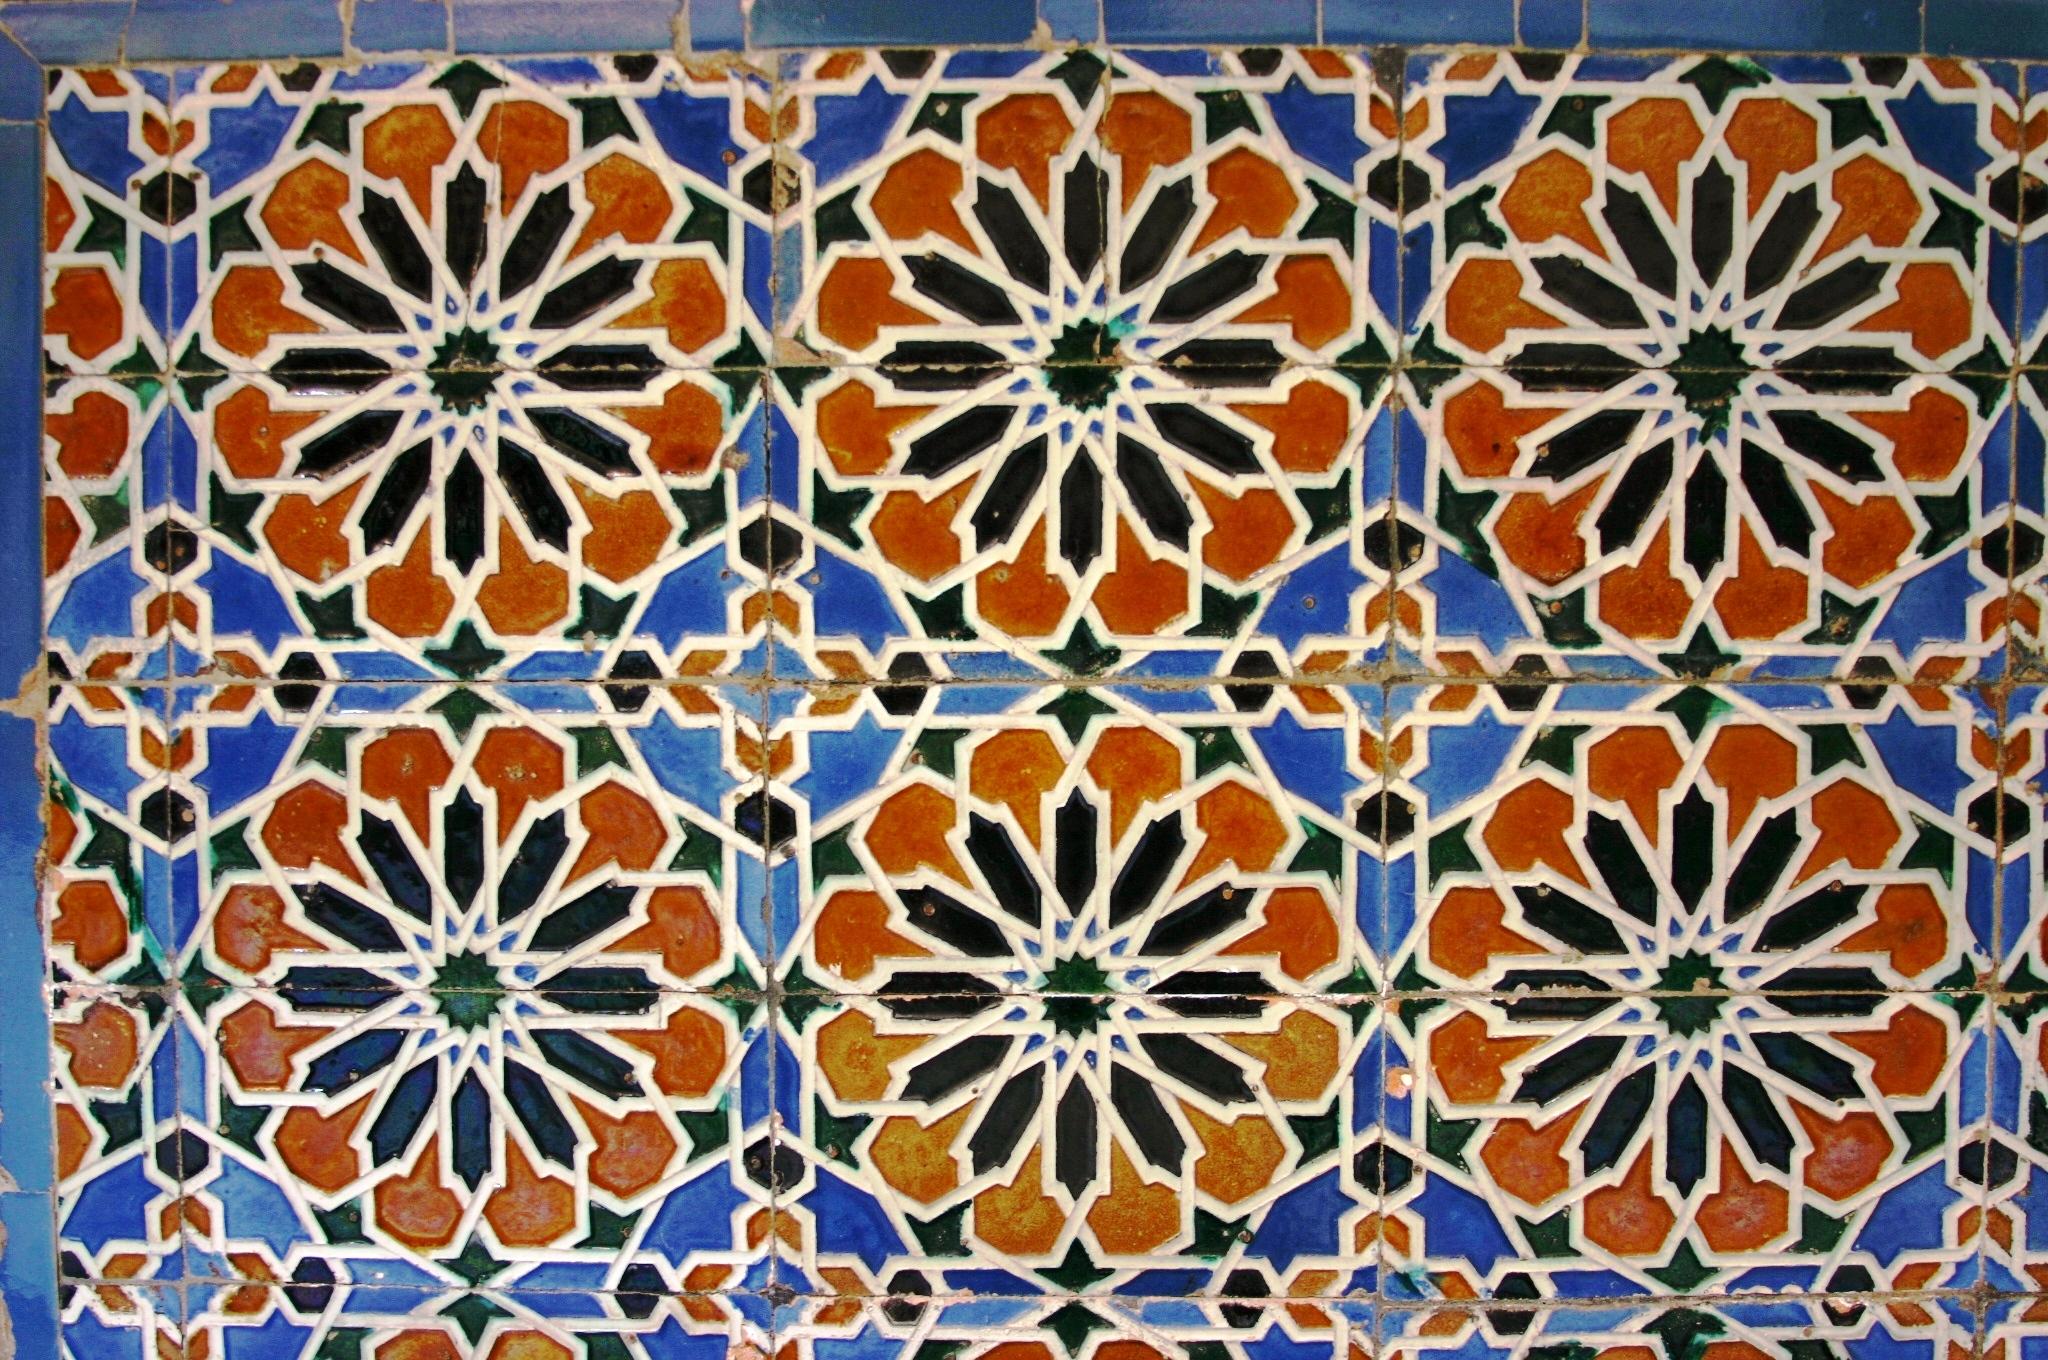 Azulejos geom tricos antiguos en el palacio de lebrija for Azulejos clasicos